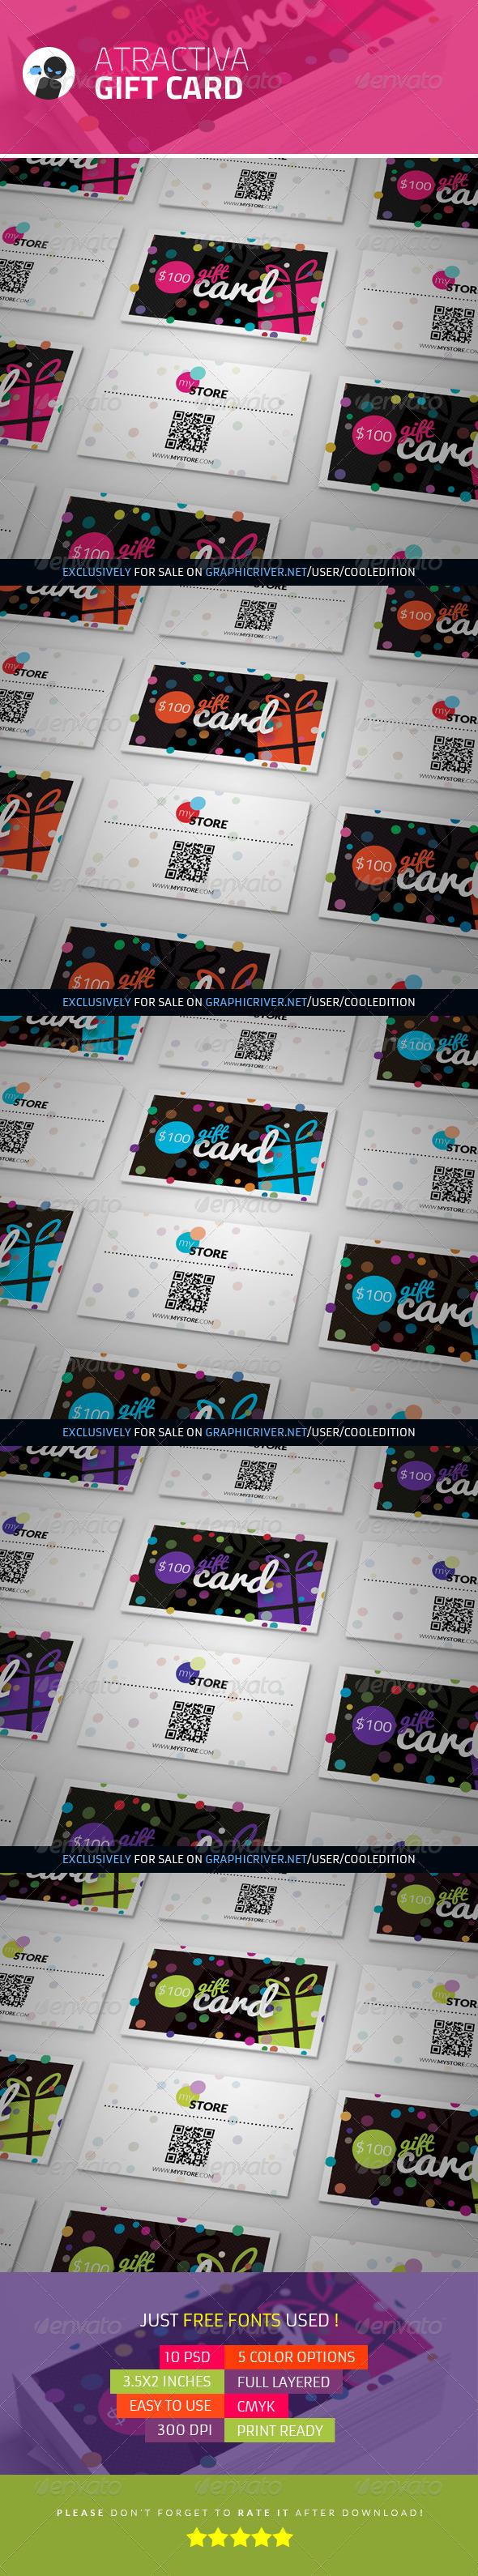 GraphicRiver Atractiva Gift Card 3619668